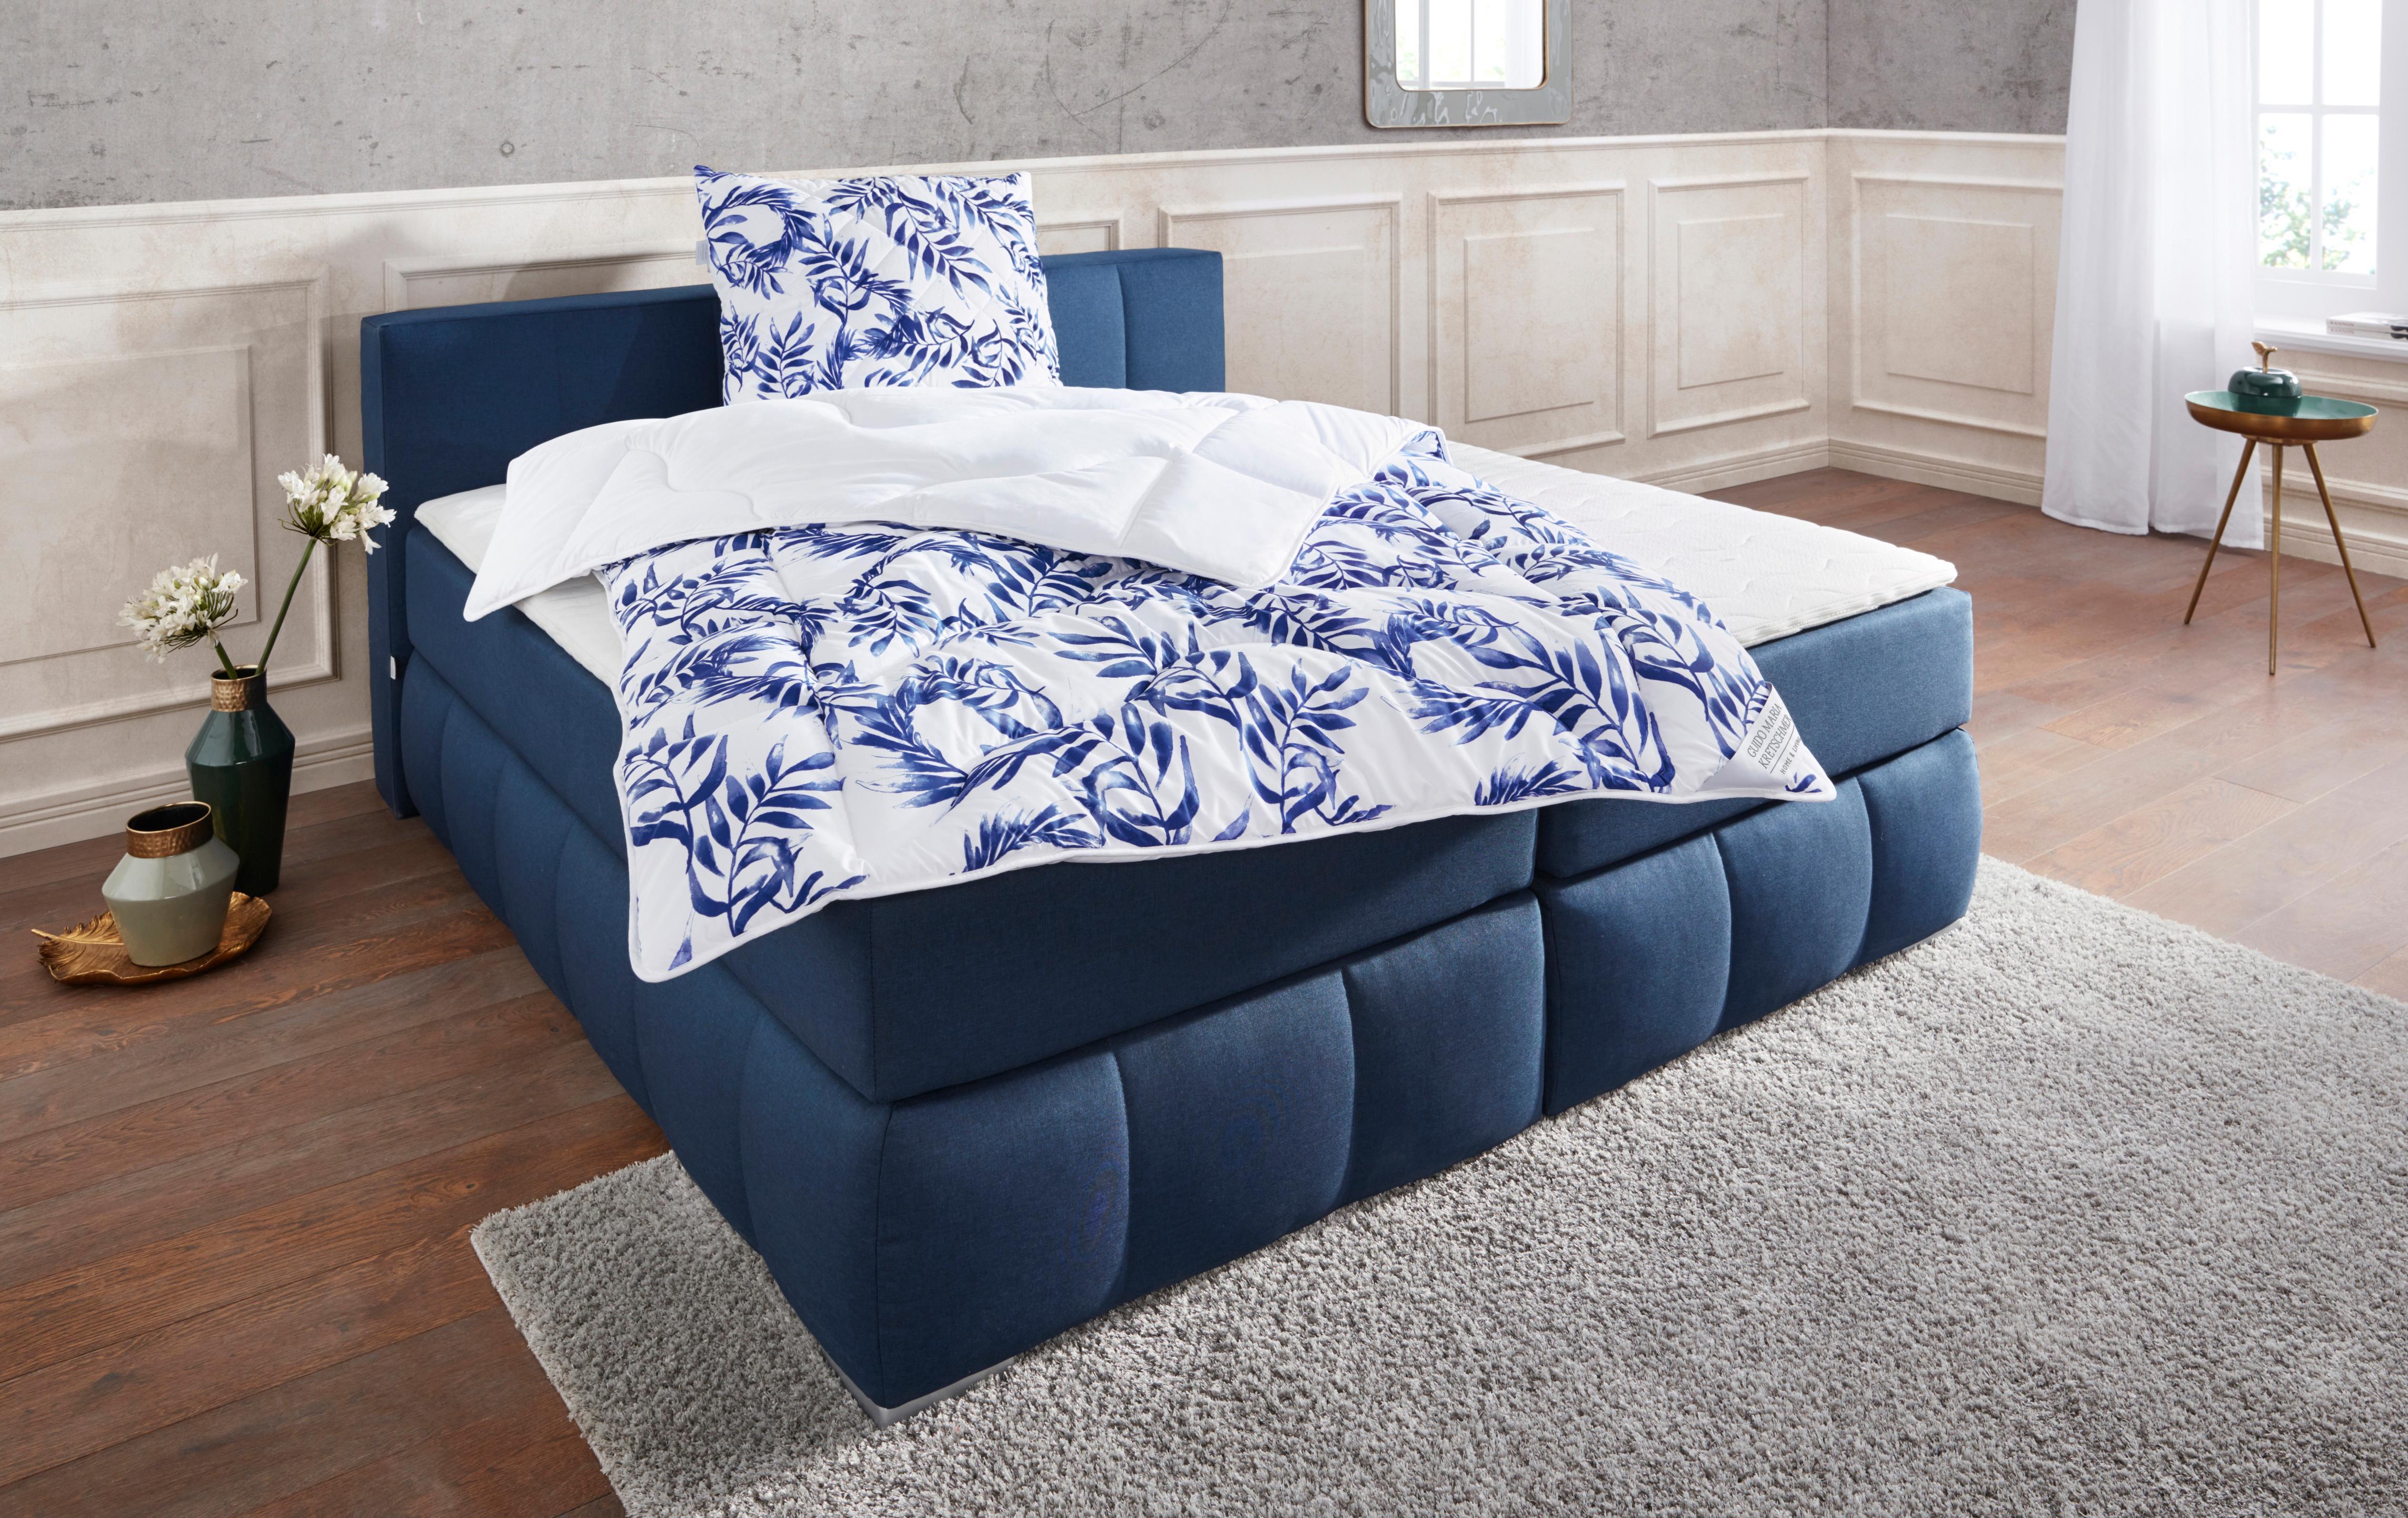 Bettdecke + Kopfkissen Blue leaves Guido Maria Kretschmer Home&Living normal Füllung: HCSKlimafaser (Bettdecke) Faserbällchen (Kopfkissen)